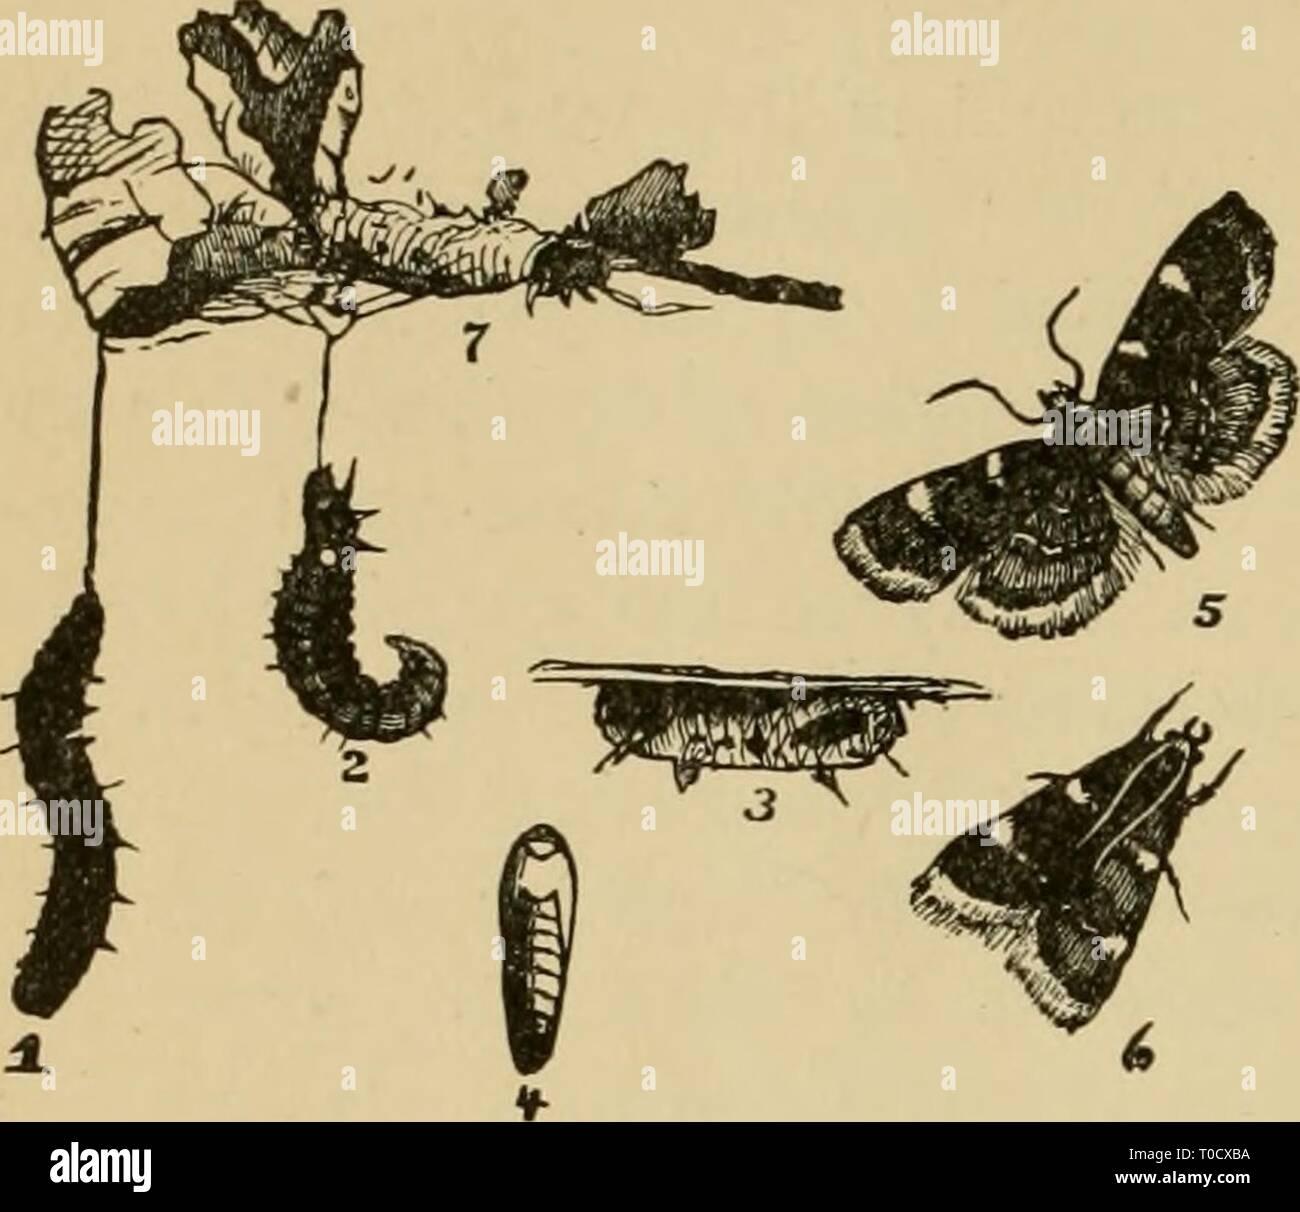 La Entomología Económica para el agricultor Entomología Económica para el agricultor y el cultivador de fruta, y para su uso como un libro de texto en las escuelas y colegios agrícolas; economicentomol00smit Año: 1906 312 Entomología Económica. para penetrar en las webs y entrar en contacto directo con las larvas. A veces los insectos de esta serie no se limitan a la vegetación verde, como en el caso del trébol 'heno' Asopia costalis, gusano, que ataca a las secas o parcialmente producto seco, correa y causando más o Fig. 356. menos lesiones. Su cercano aliado, Pyralis farinalis, pueden ser encontradas en los graneros o recipientes donde el grano Foto de stock